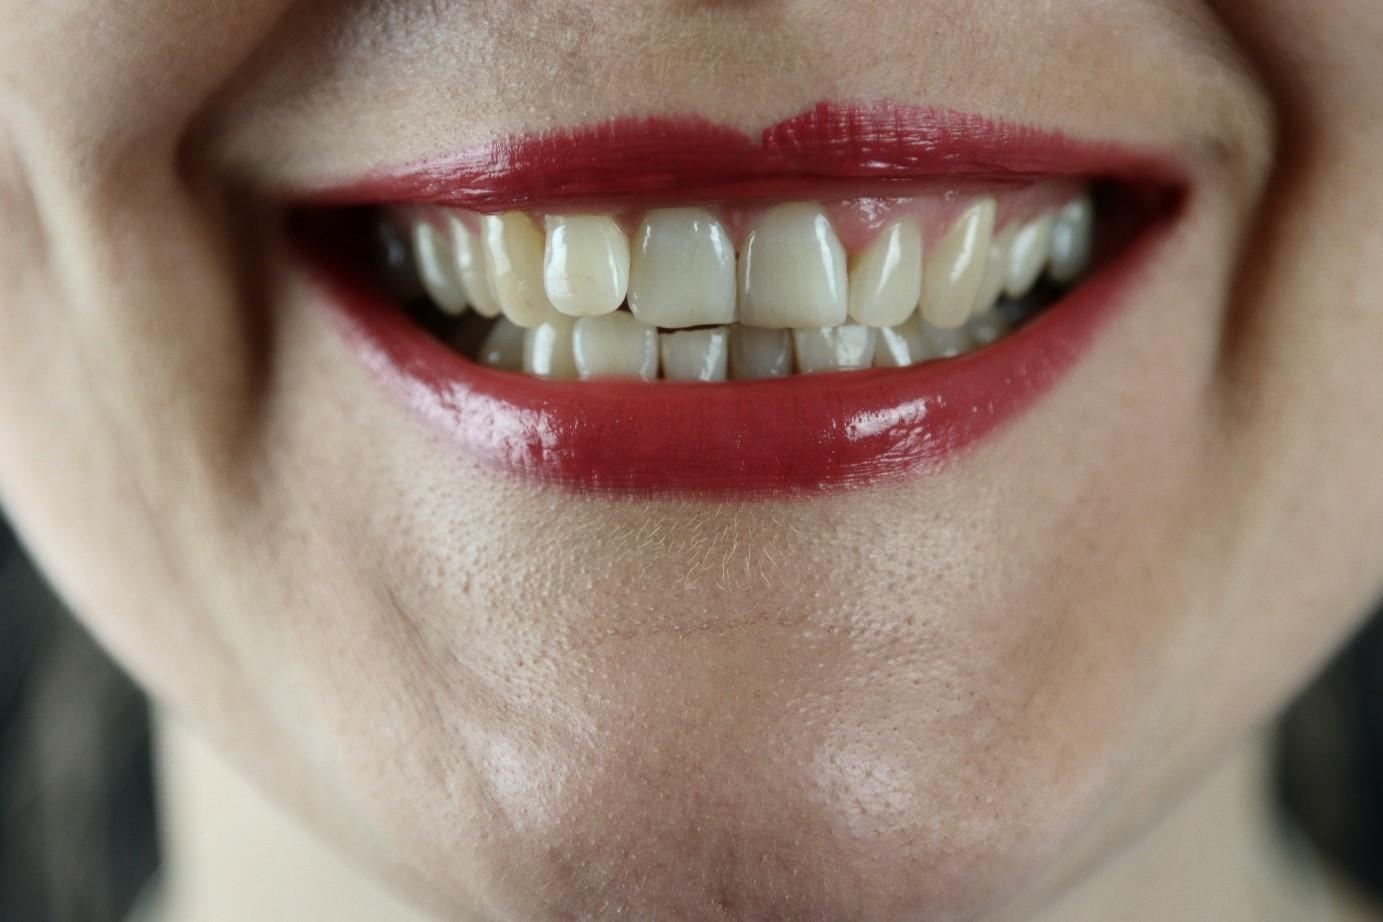 【有影】牙齦出血腫脹非火氣大  牙醫闢謠:漱鹽水吃中藥治標不治本